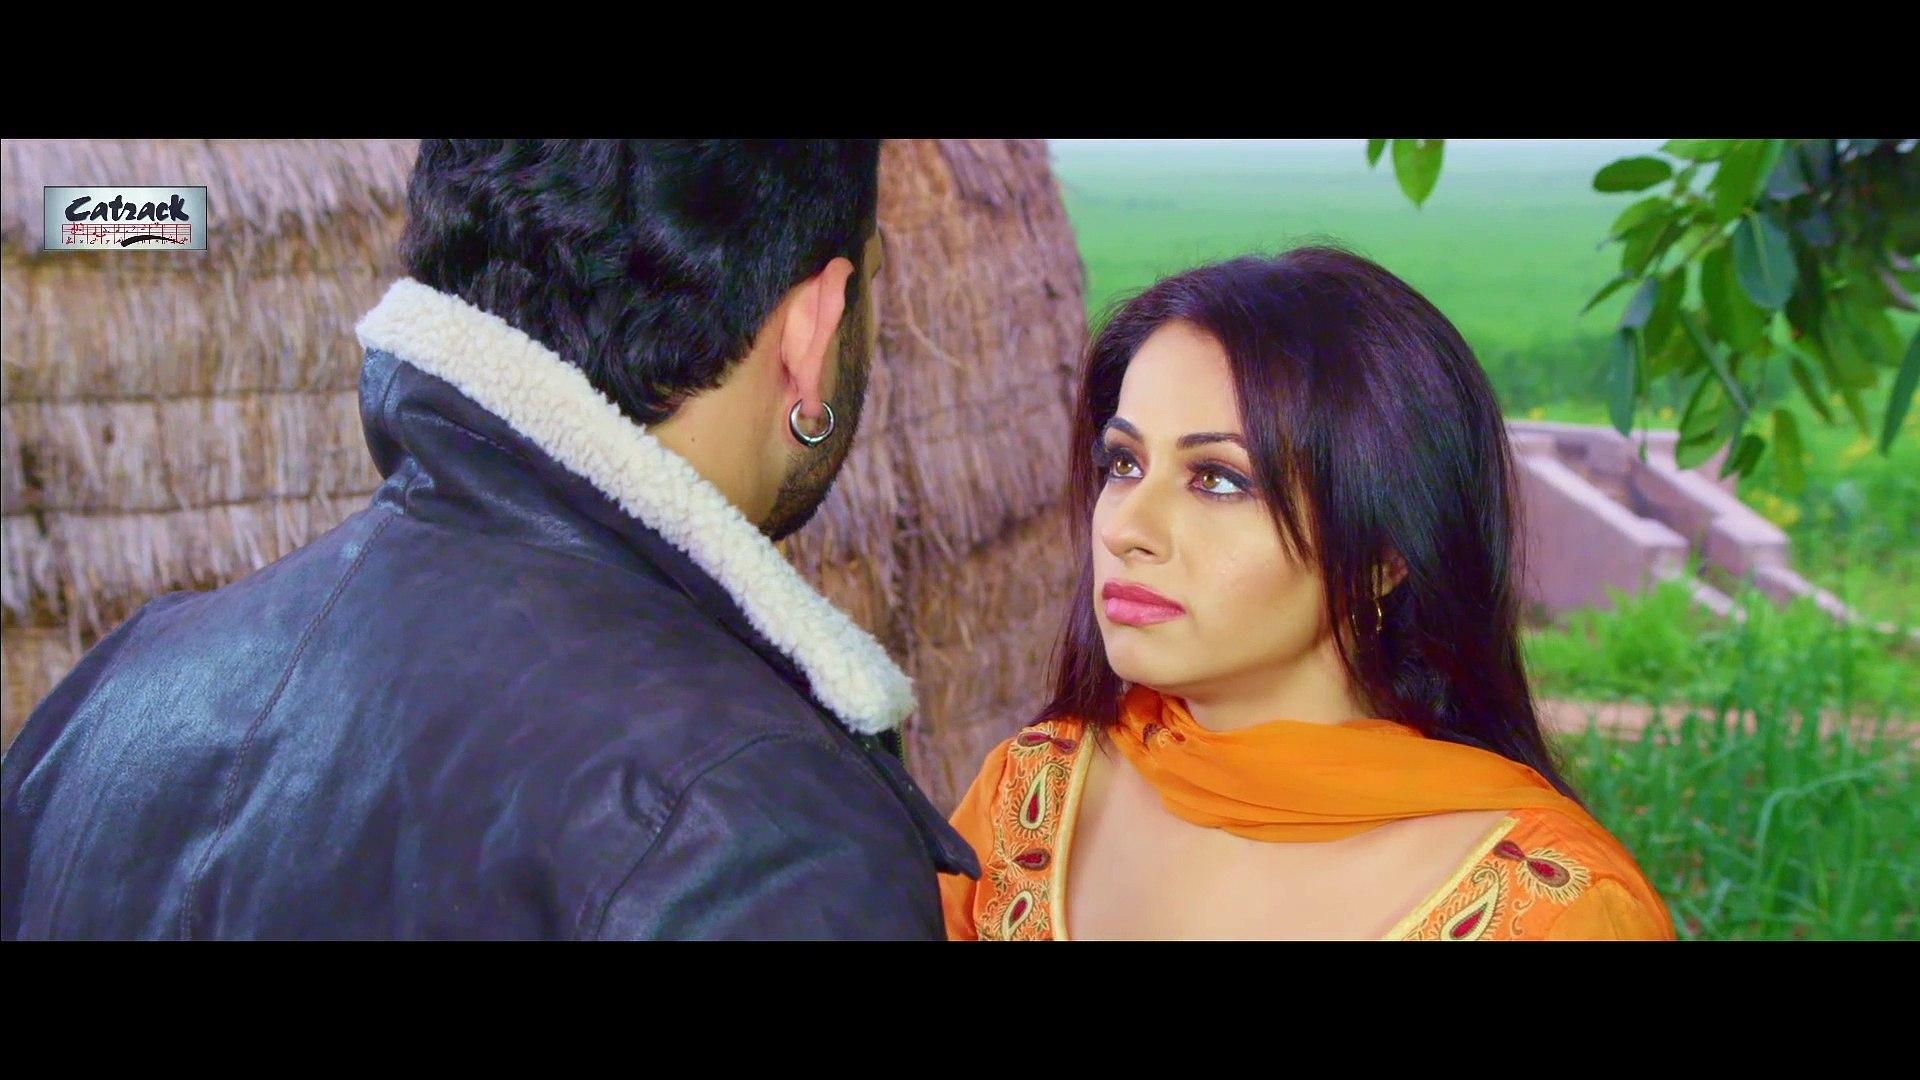 Punjabian Da King | New Full Punjabi Movie | Part 4 Of 7 | Latest Punjabi Movies 2015 | Punjabi Acti